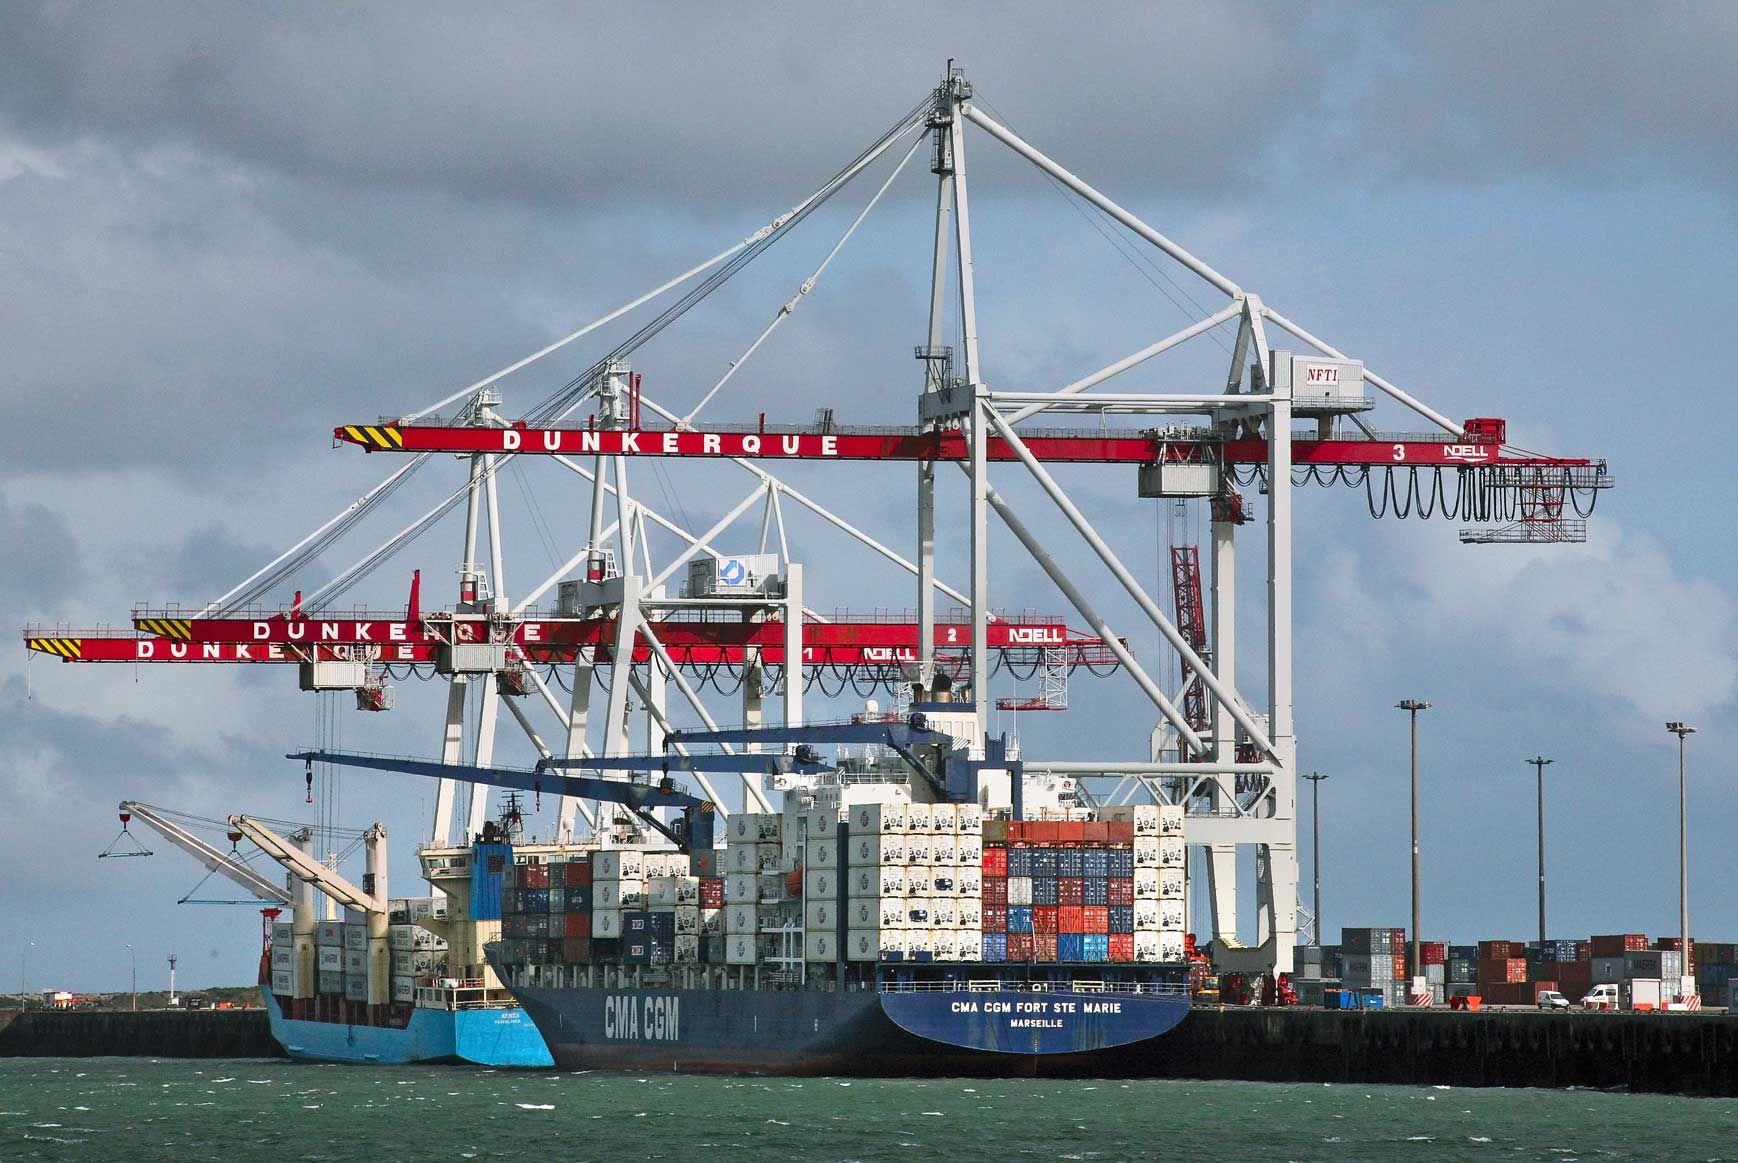 L'économie portuaire, cette ressource sous-exploitée qui permettrait pourtant de relancer l'économie française